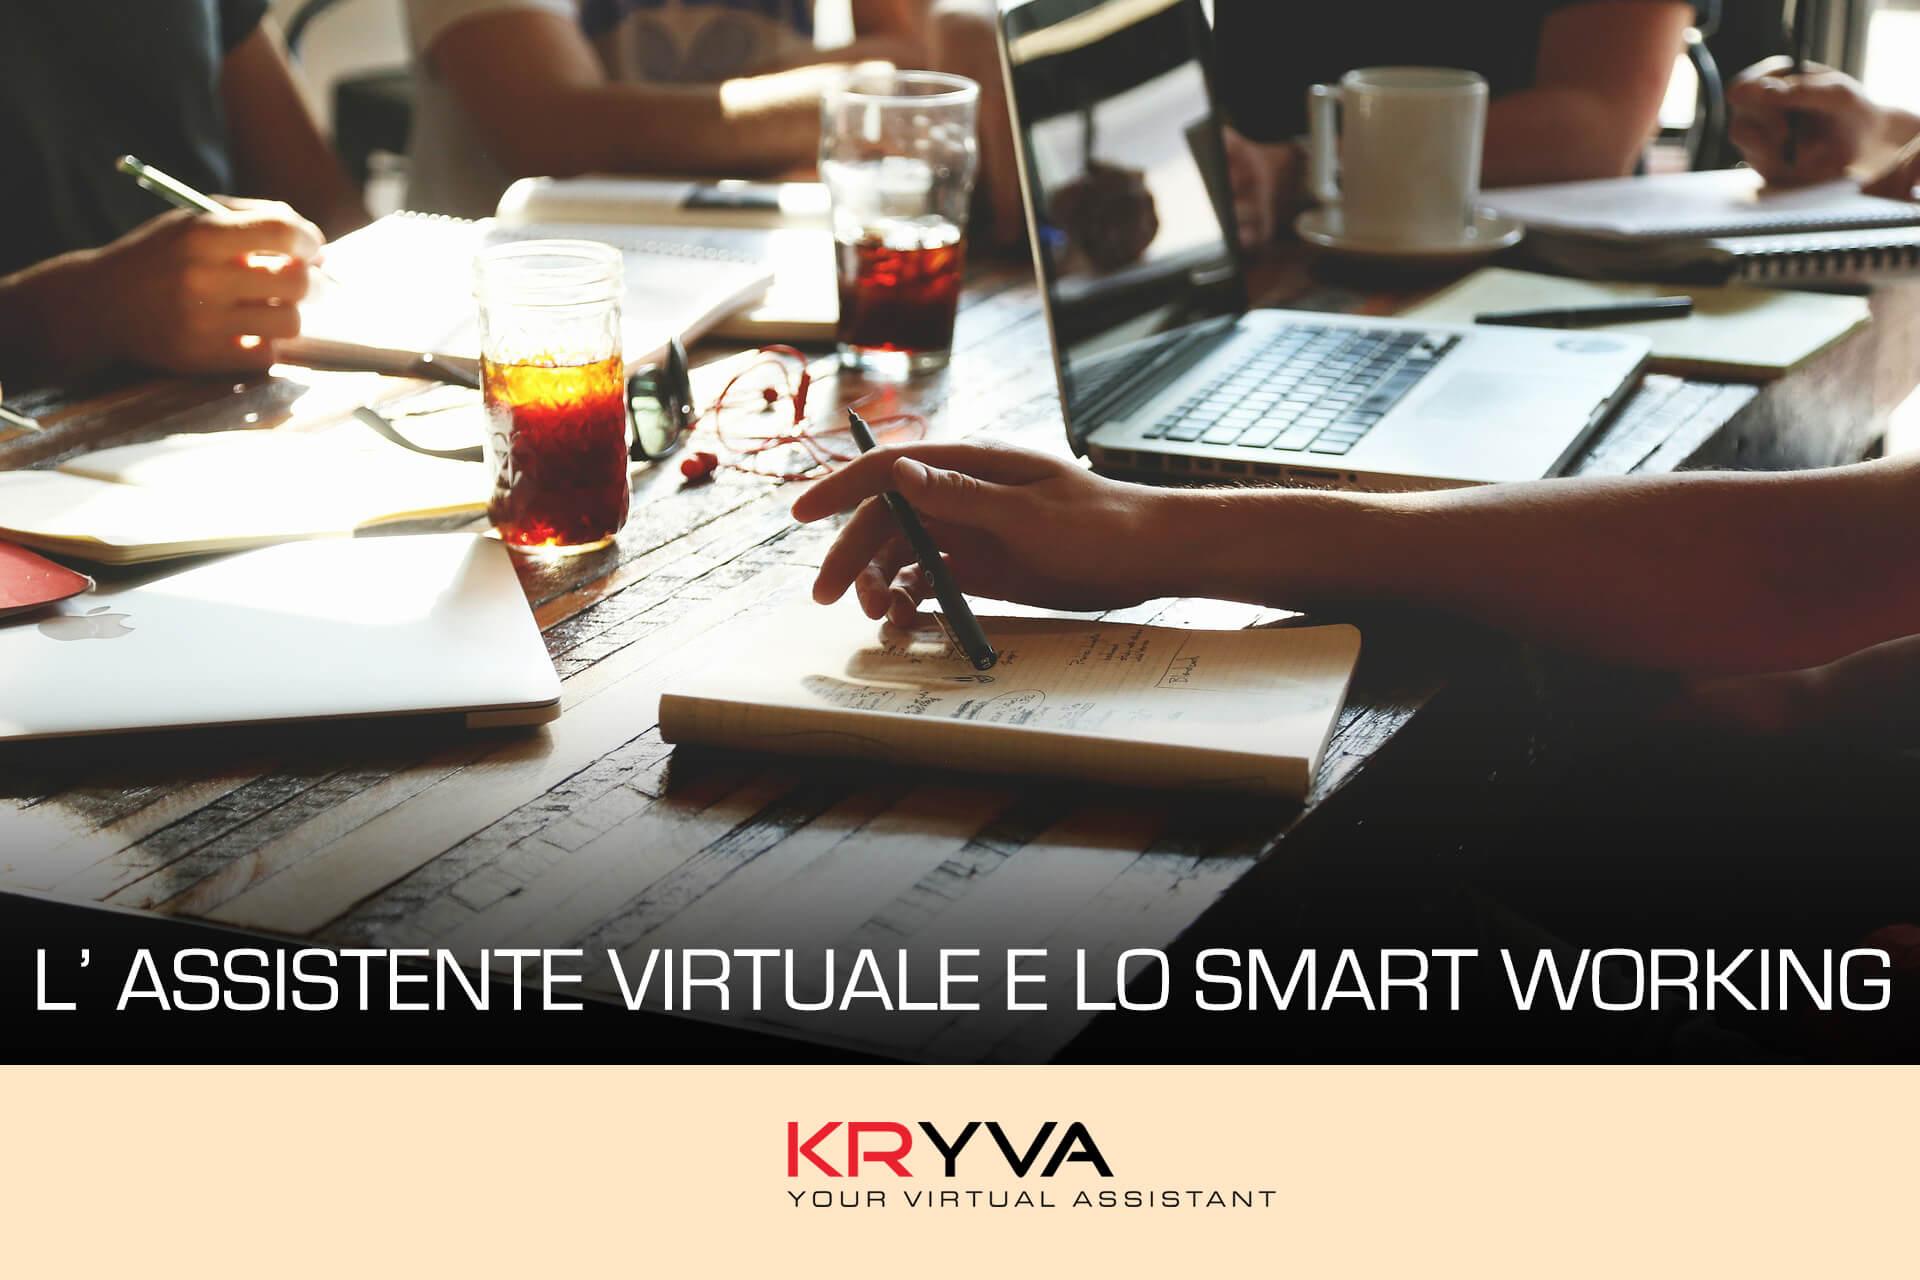 L' Assistente Virtuale e lo Smart Working